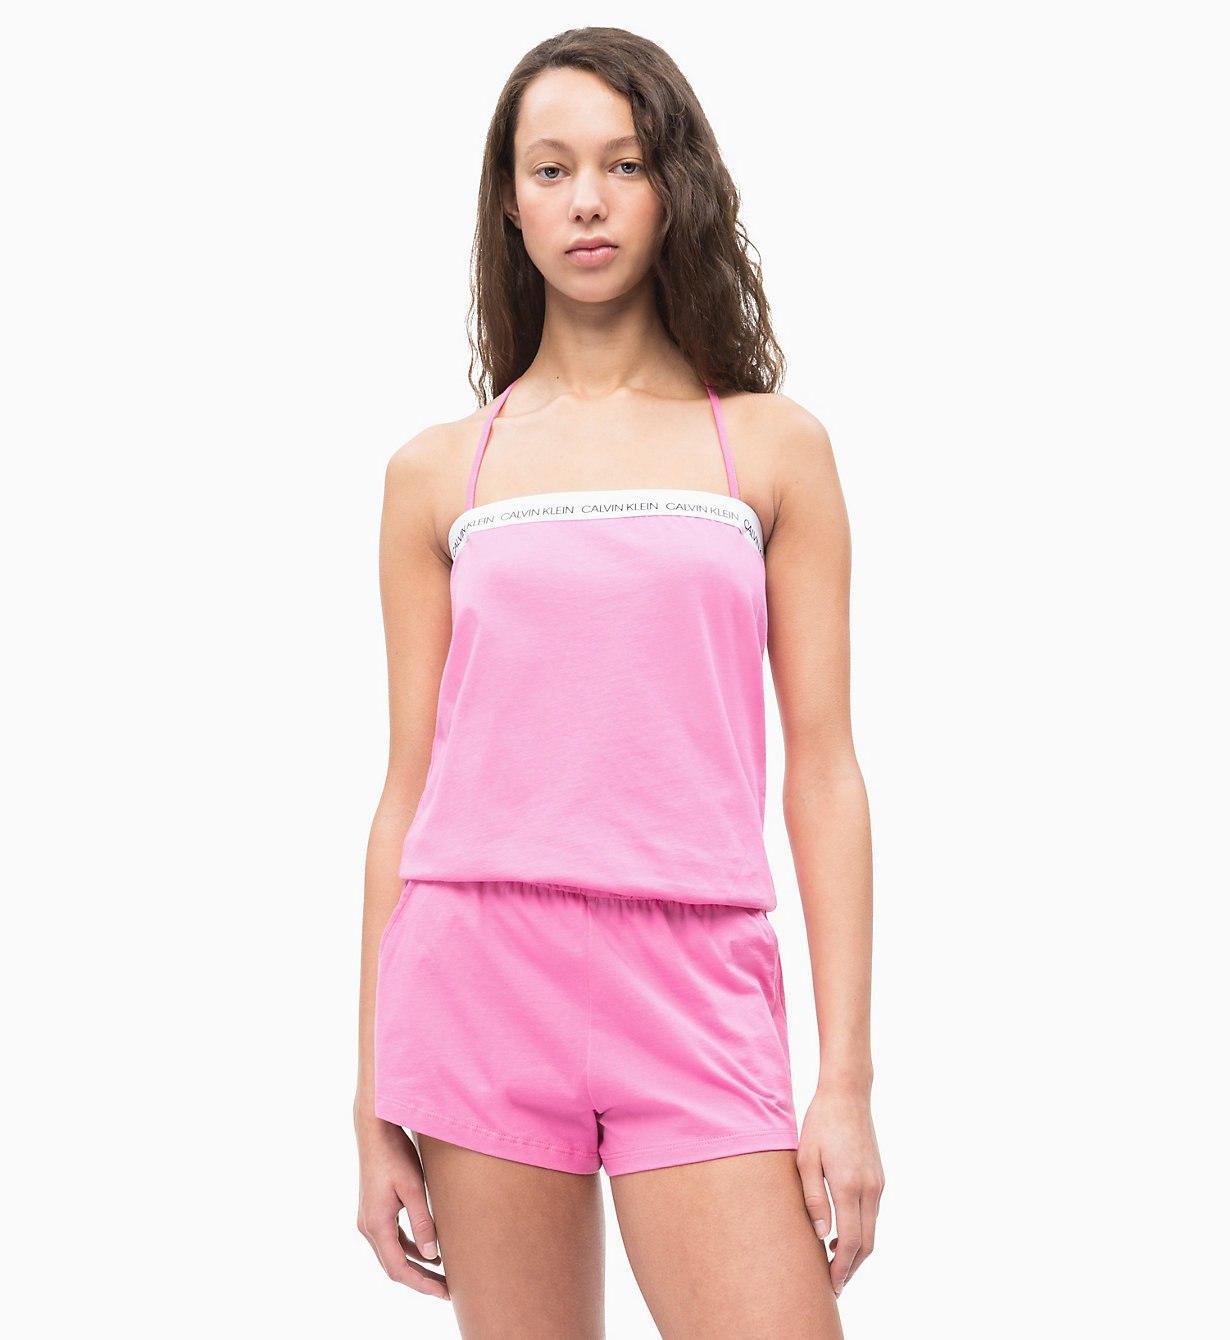 1ac4bd51e8e Calvin Klein Romper - Ck Logo in Pink - Lyst